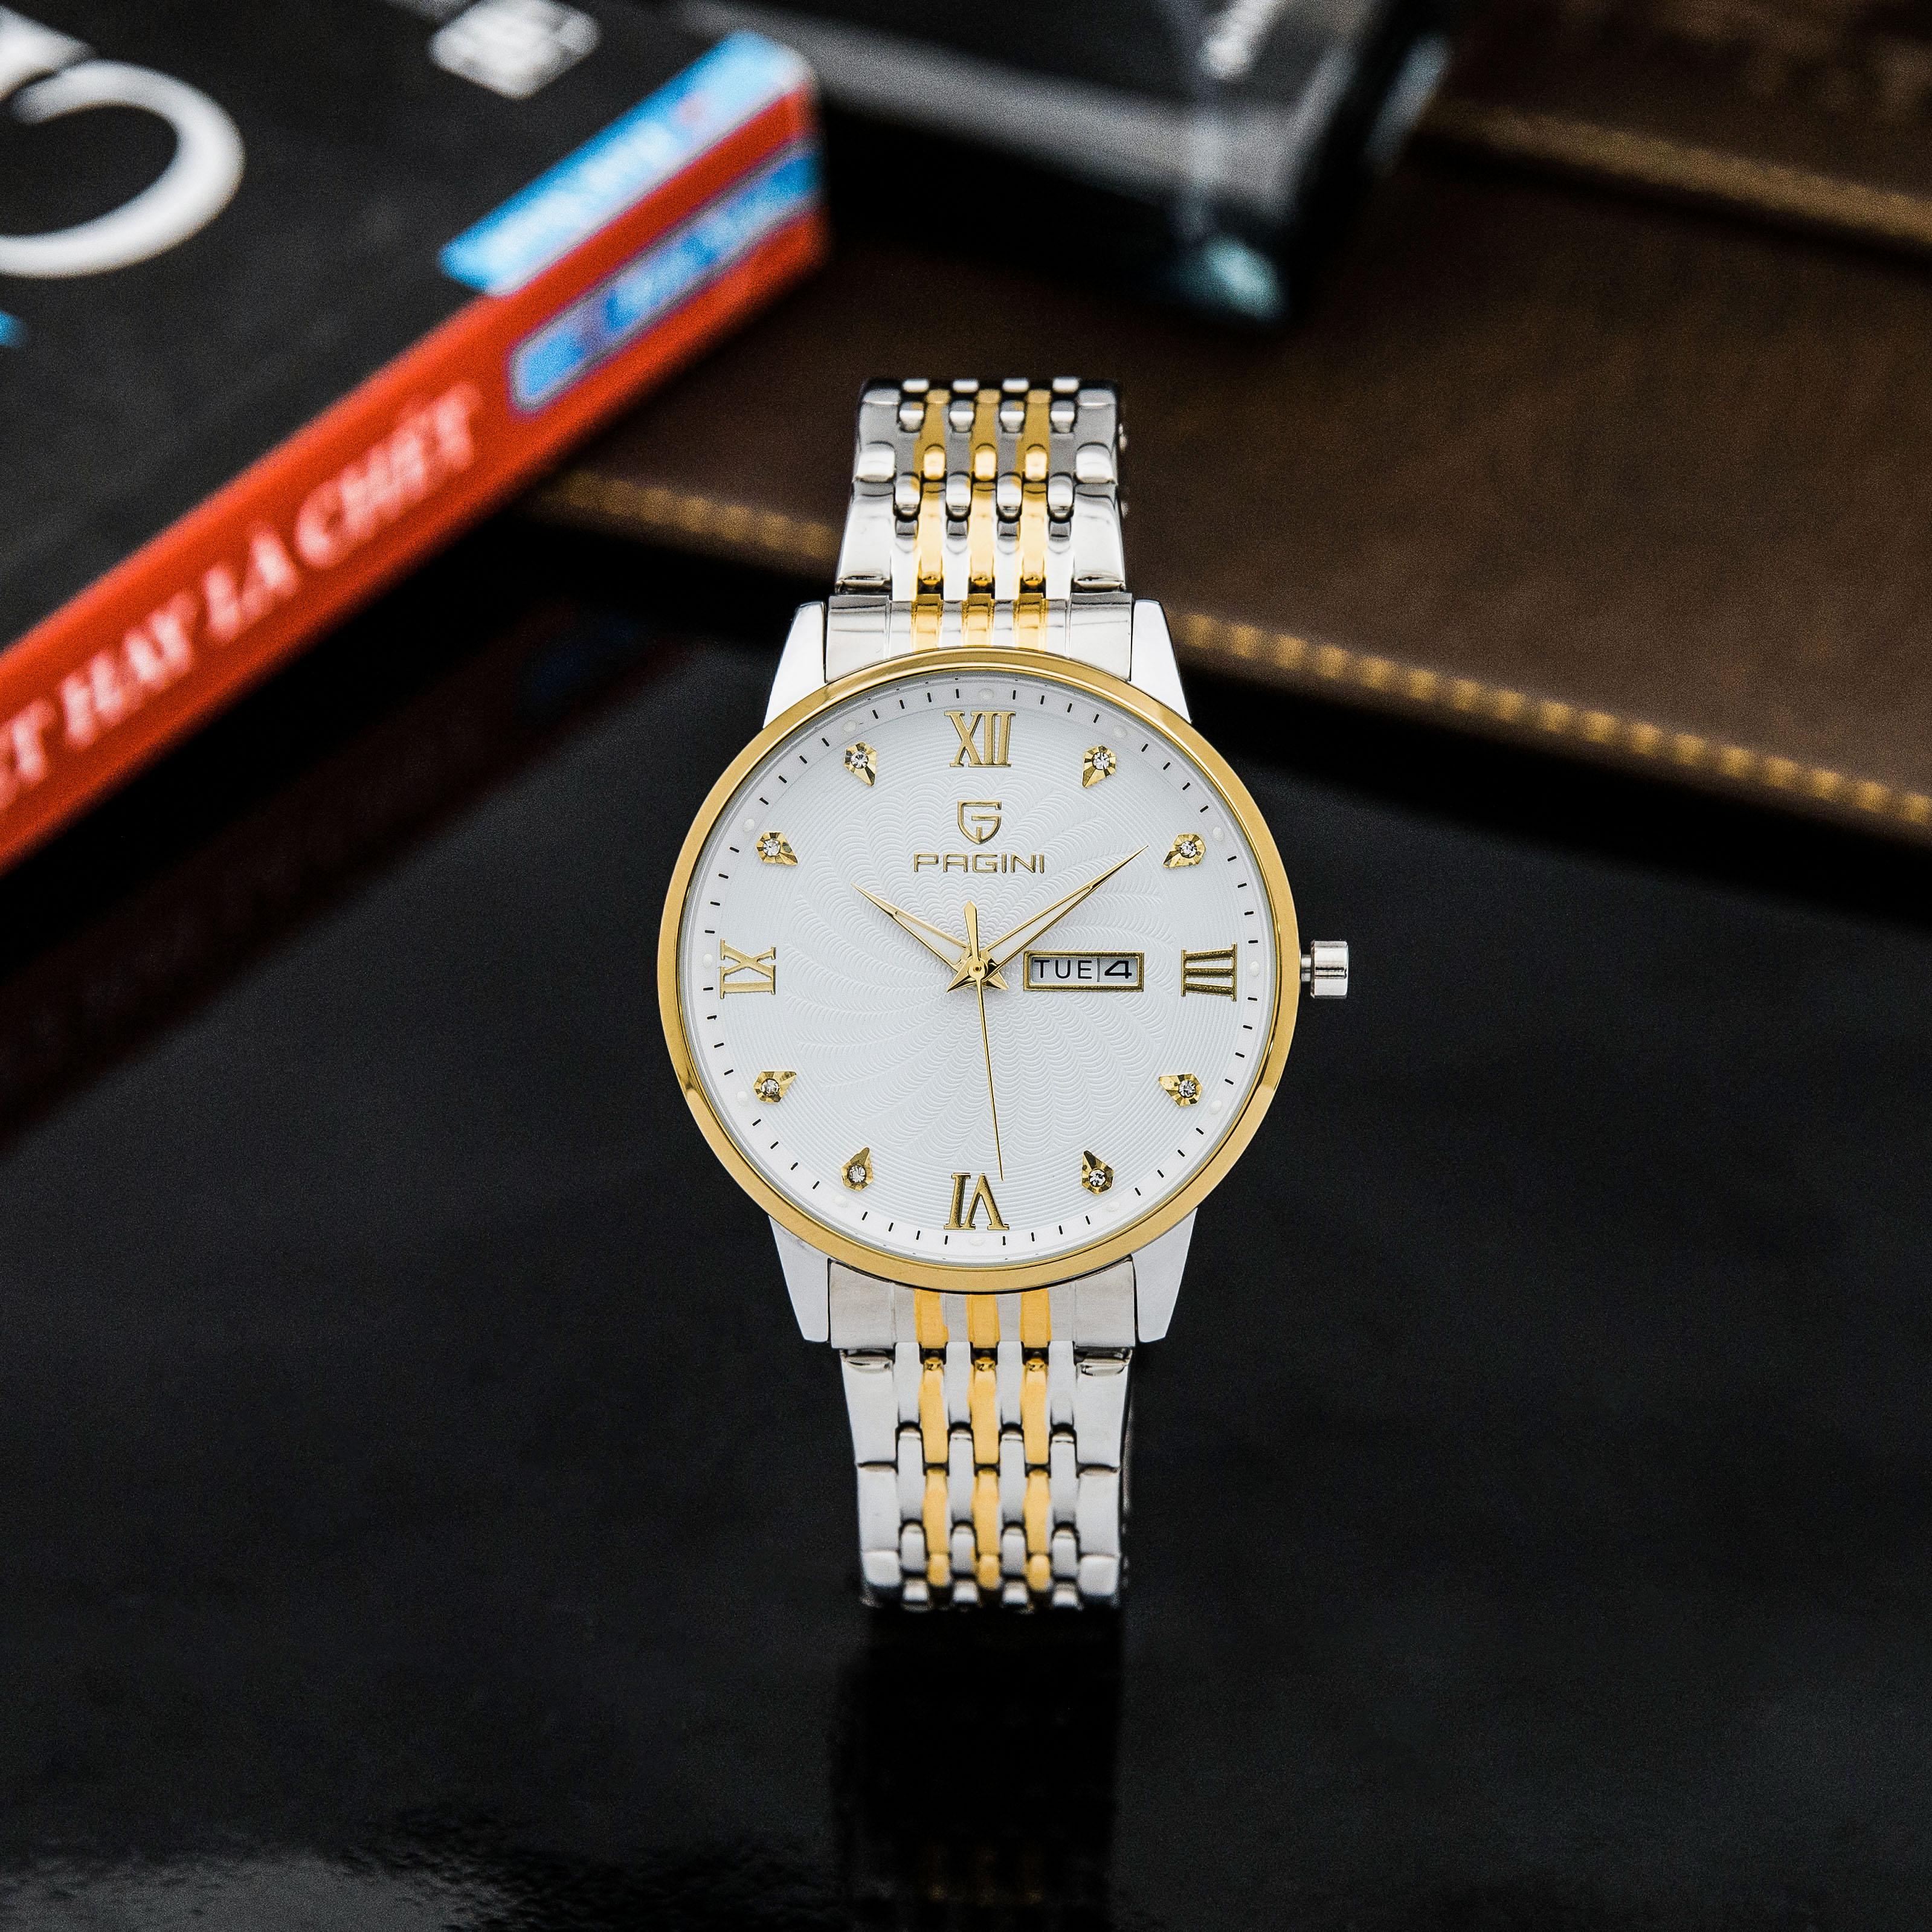 Đồng hồ nam PAGINI PA5588 dây thép kim dạ quang cao cấp chống nước 3ATM 2